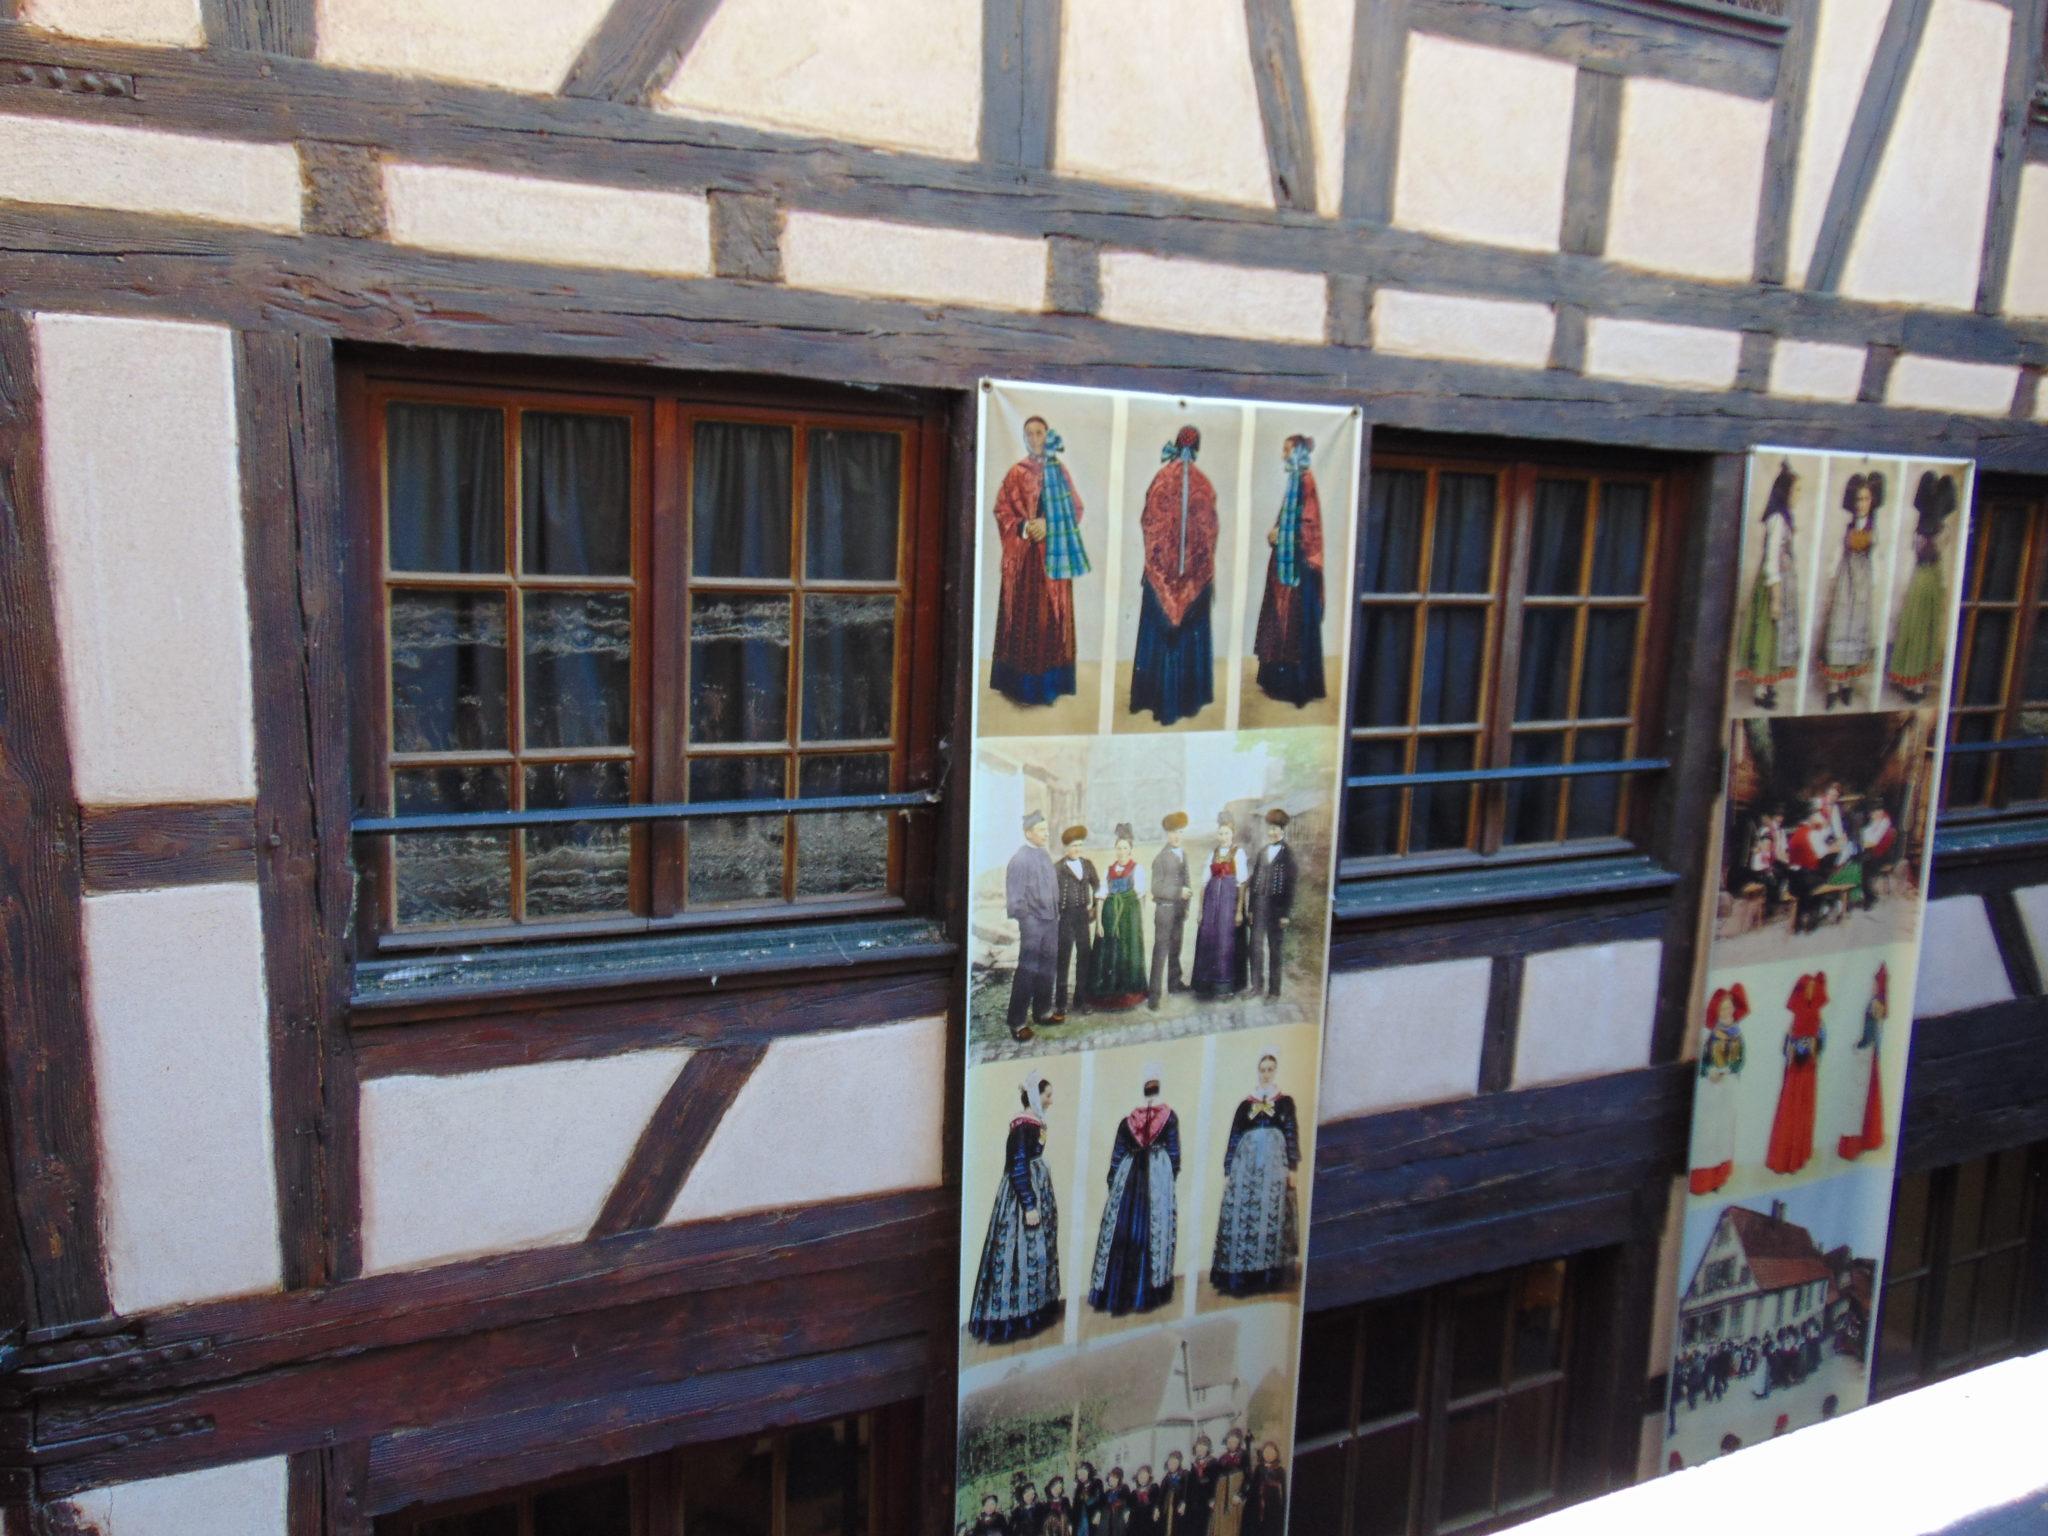 Au musée alsacien de Strasbourg, exposition Costumes d'Alsace, étoffes d'un monde